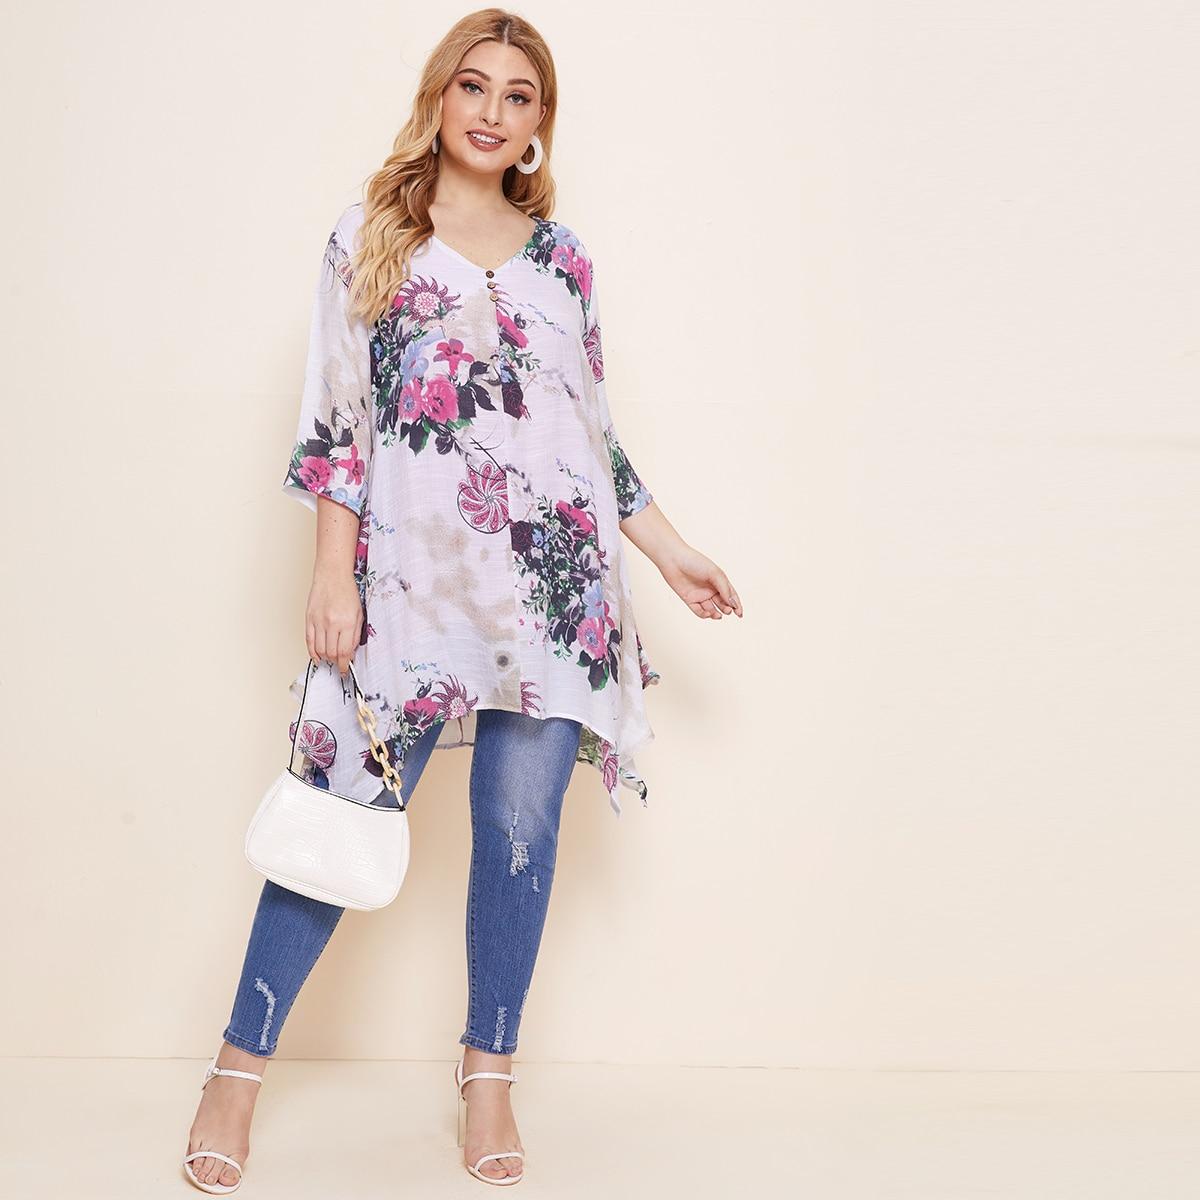 Асимметричная длинная блузка размера плюс с цветочным принтом